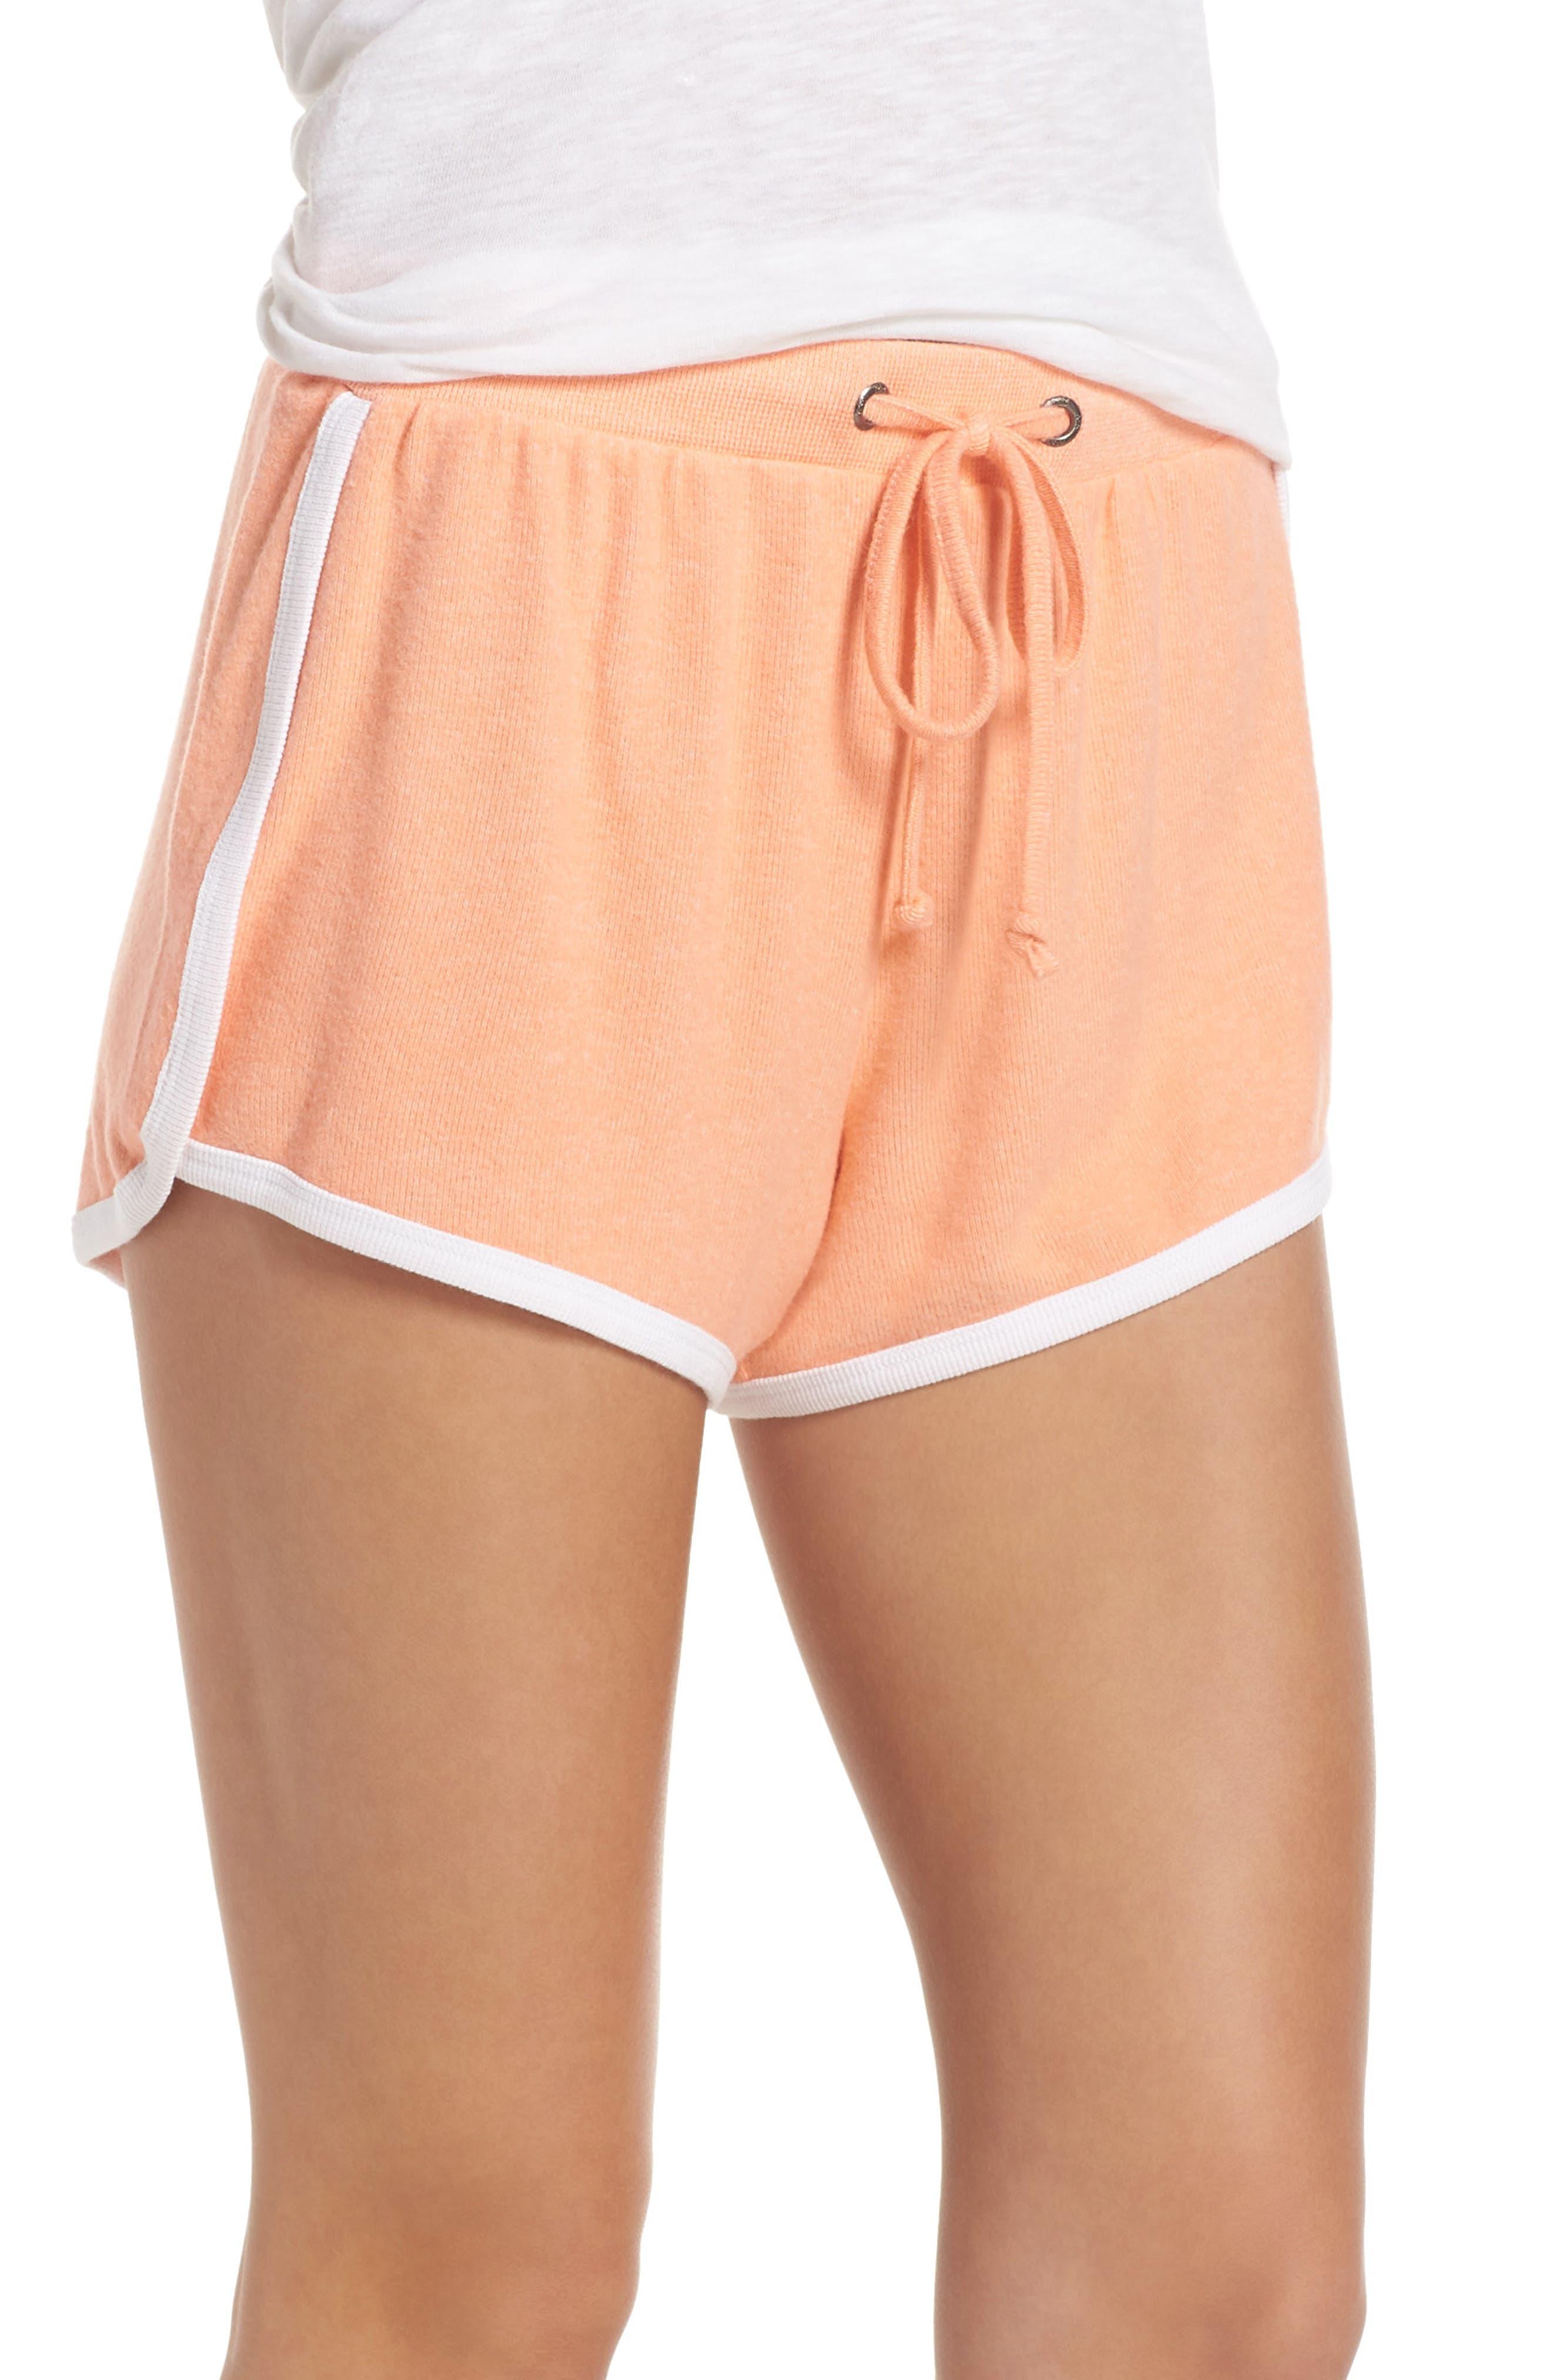 Too Cool Shorts,                             Main thumbnail 1, color,                             CORAL PINK